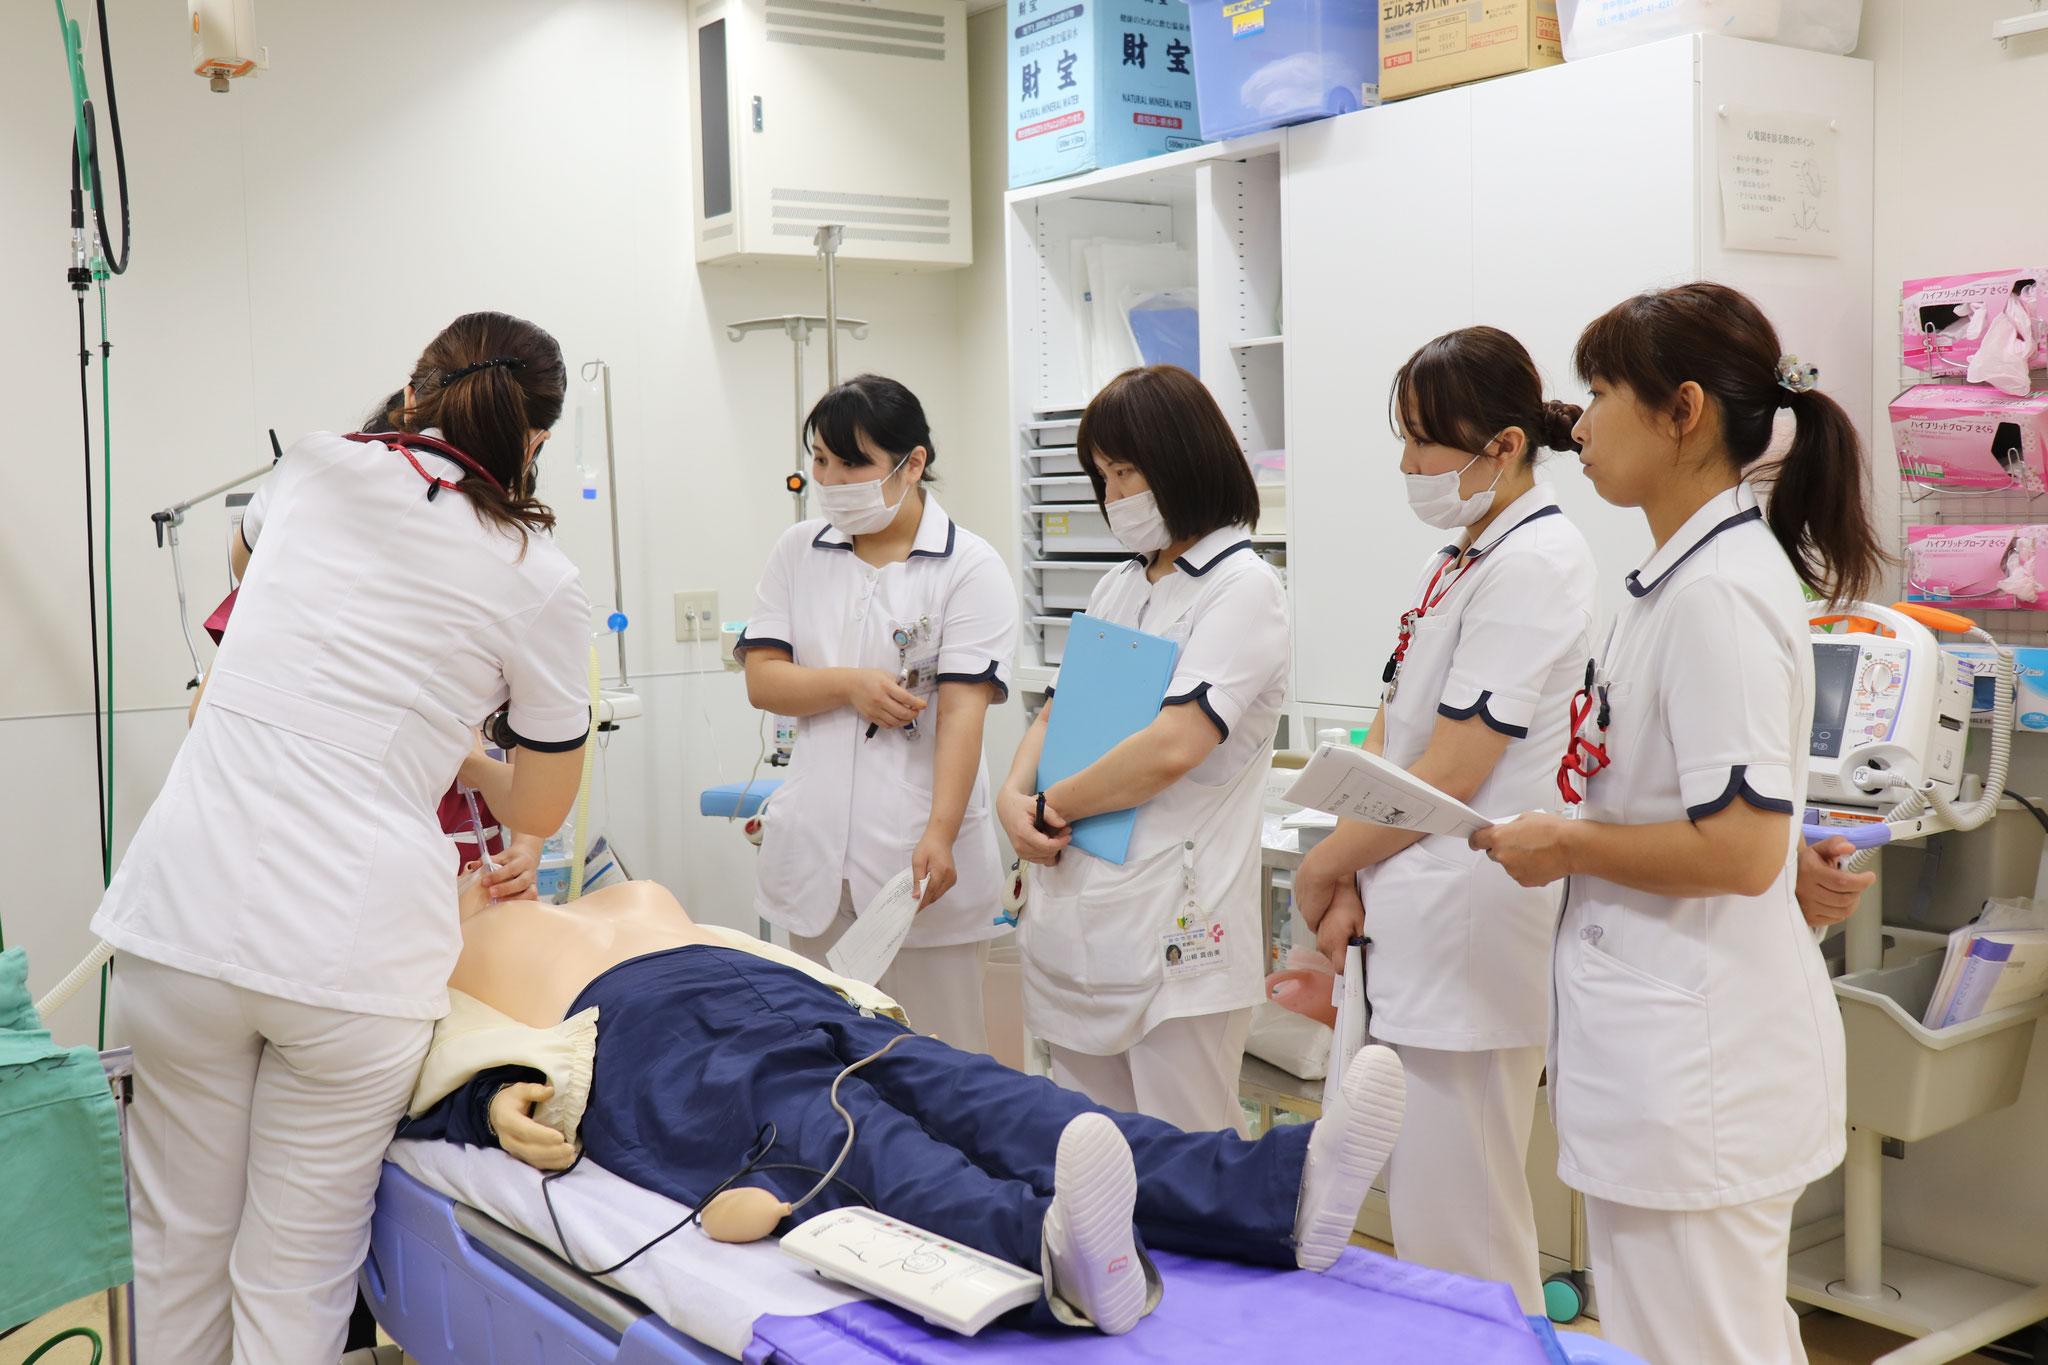 【新採用看護師研修】先輩の技術を見て覚えます